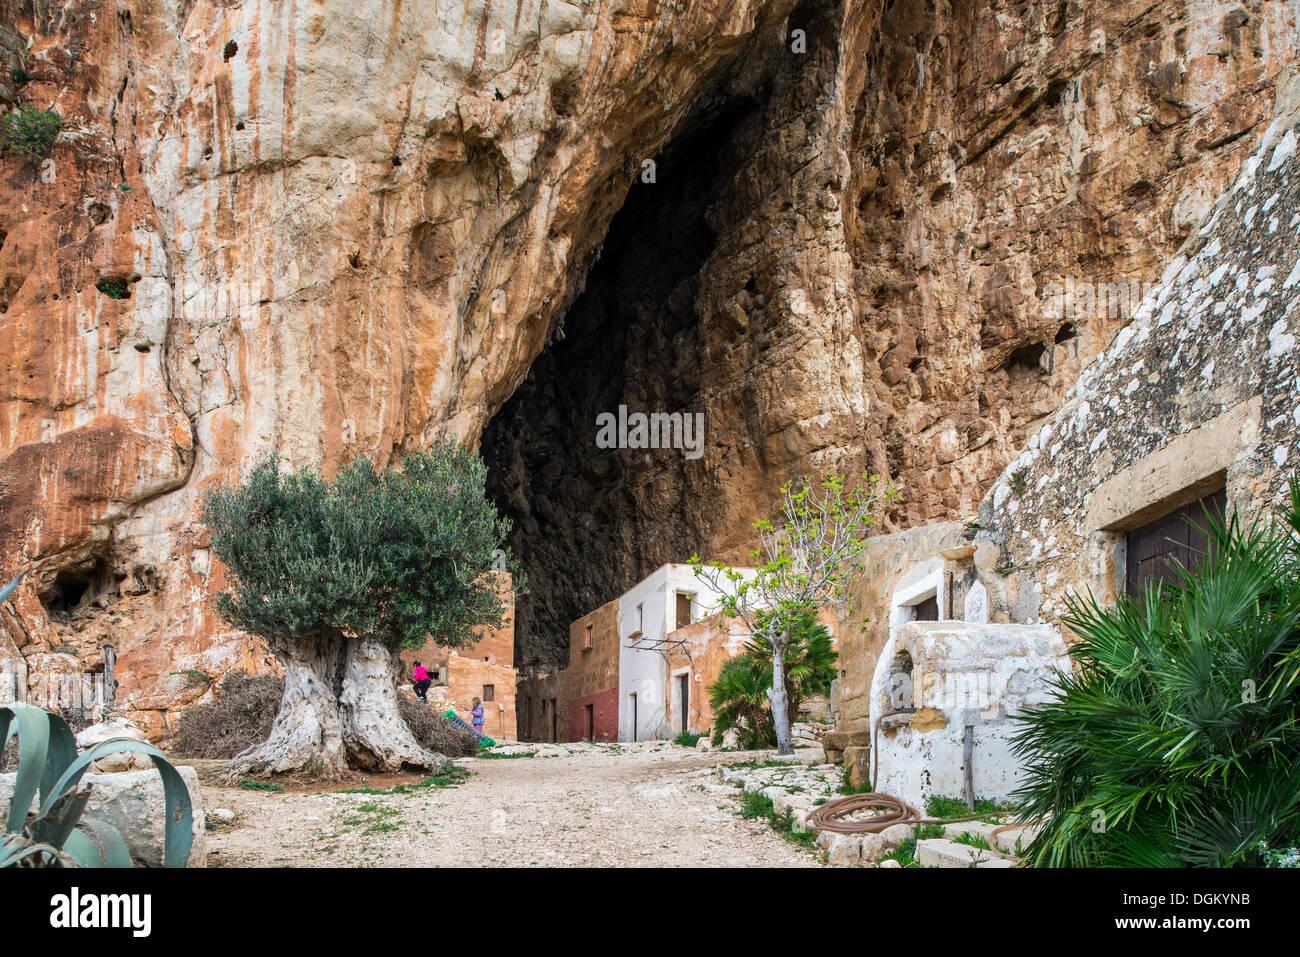 Edifici storici presso la Grotta Mangiapane, ora un museo village, Custonaci, Provinz Trapani, Nordwest-Küste von Sizilien Immagini Stock